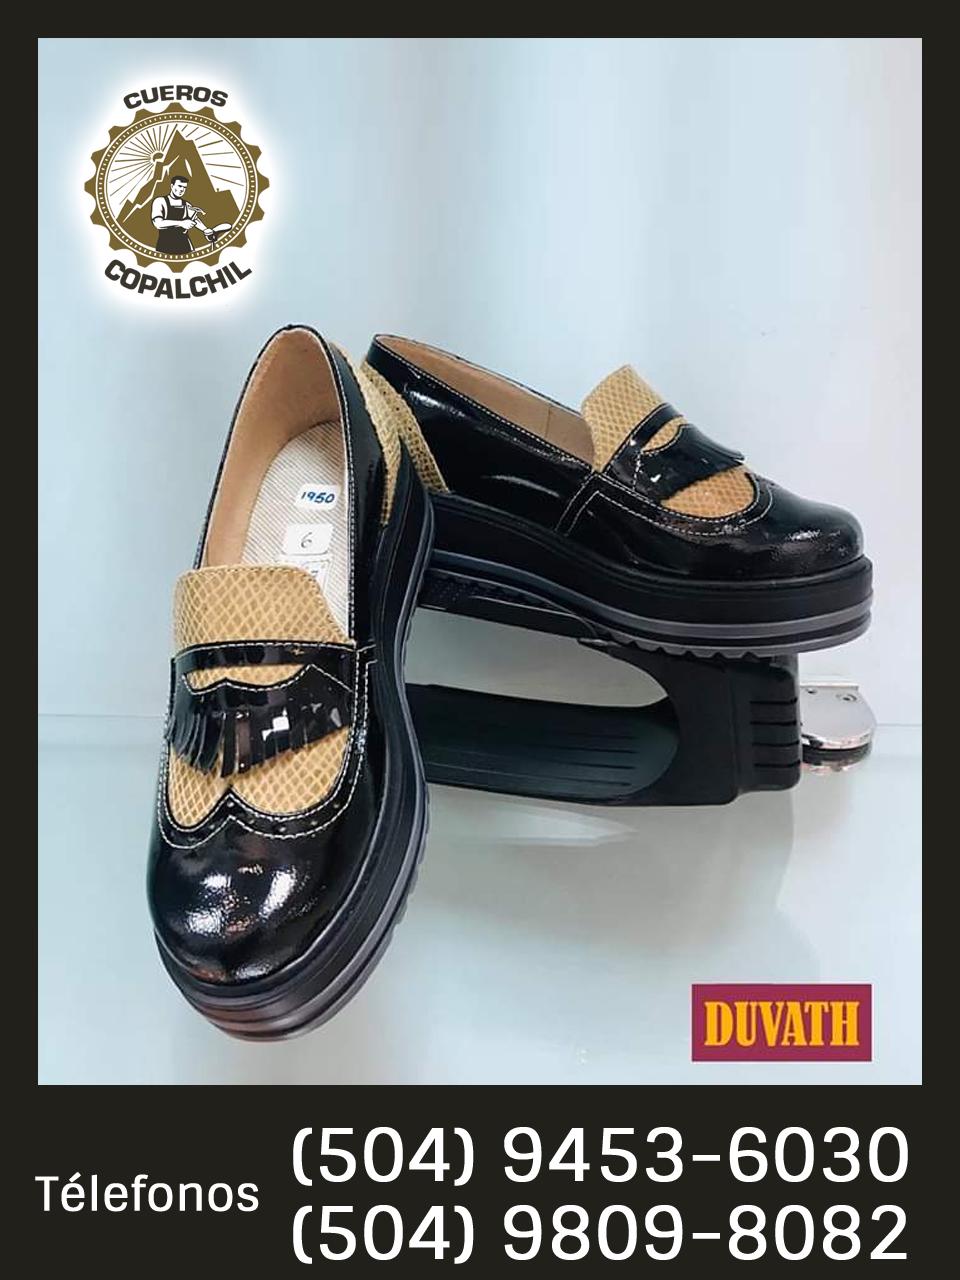 Distribuidores de La Marca Duvath en Calzado y Accesorios